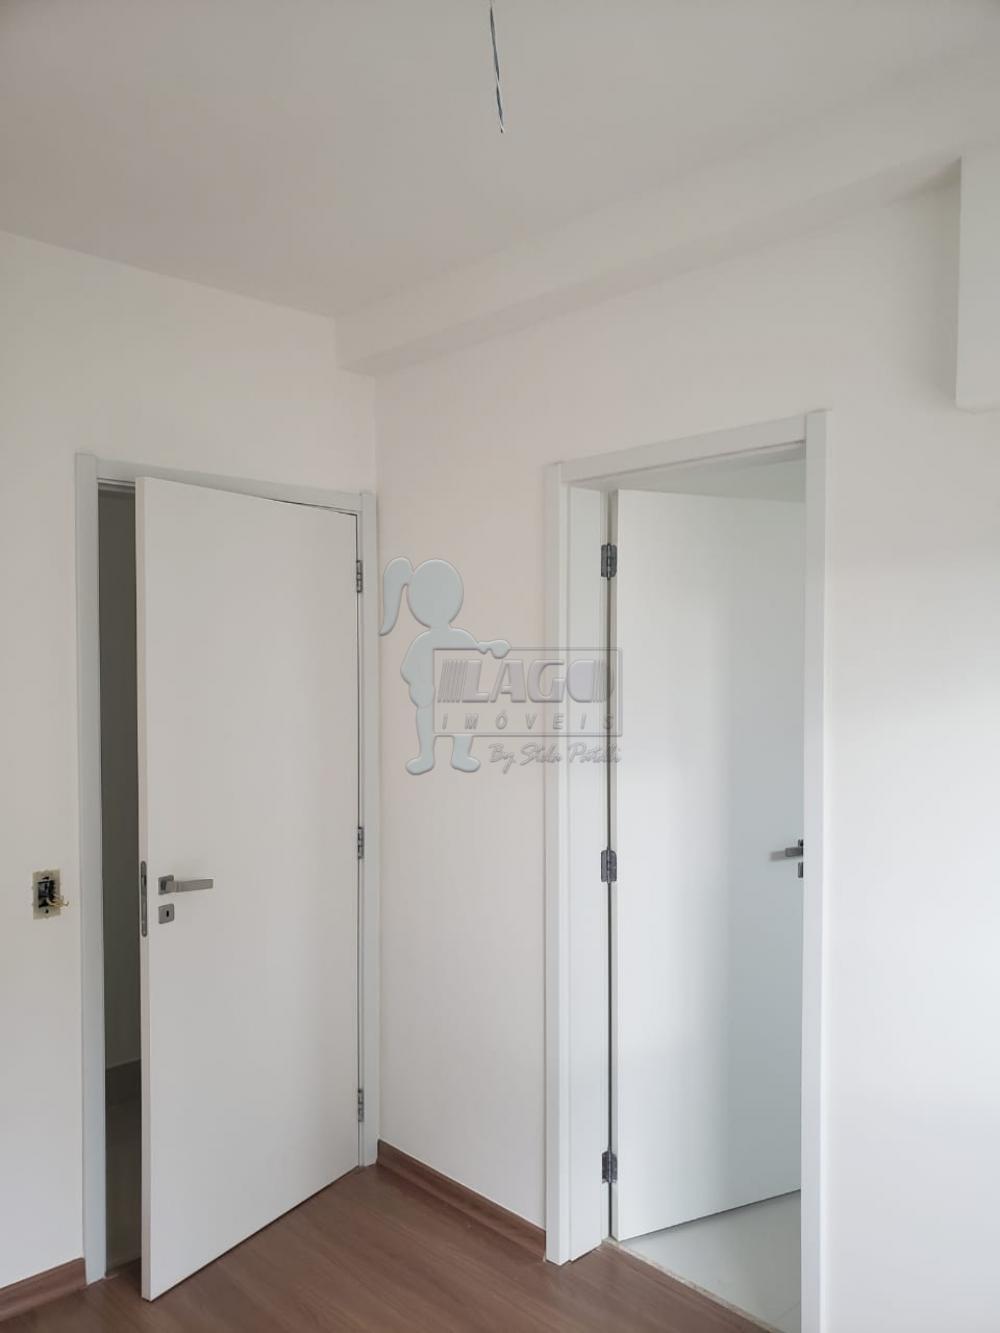 Comprar Apartamento / Padrão em Ribeirão Preto apenas R$ 542.000,00 - Foto 10